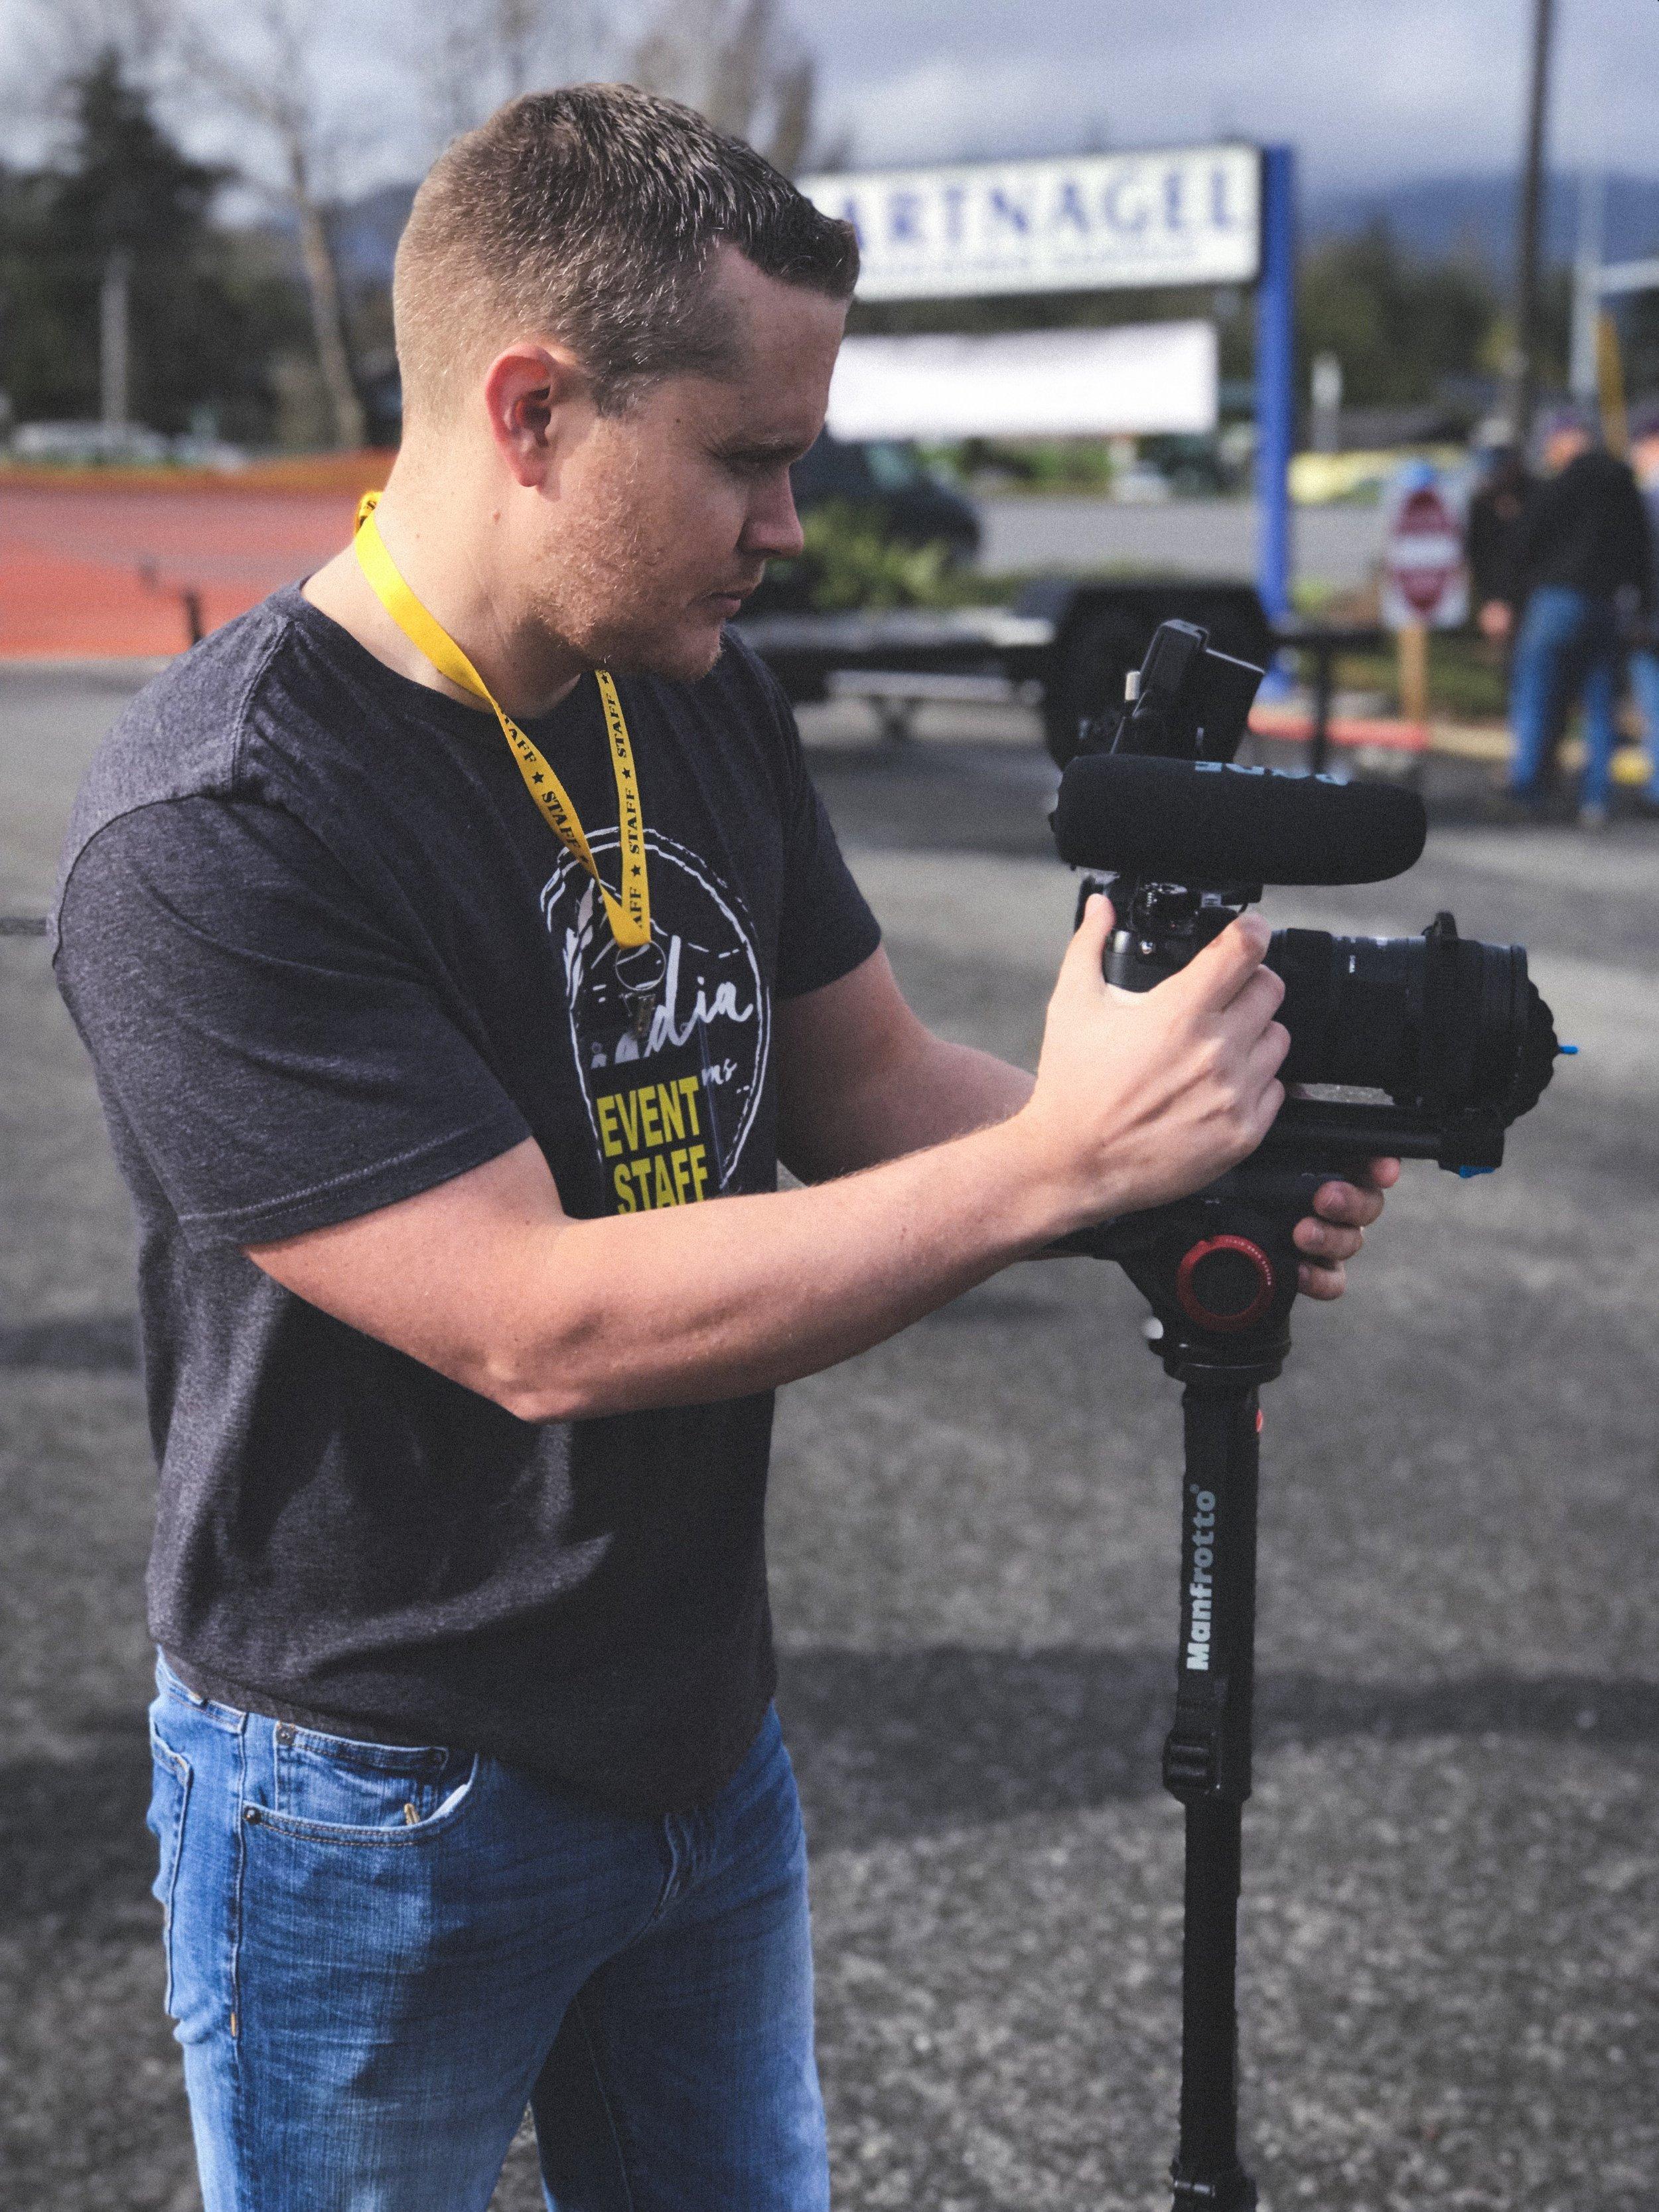 Matt Sagen, Cinematographer